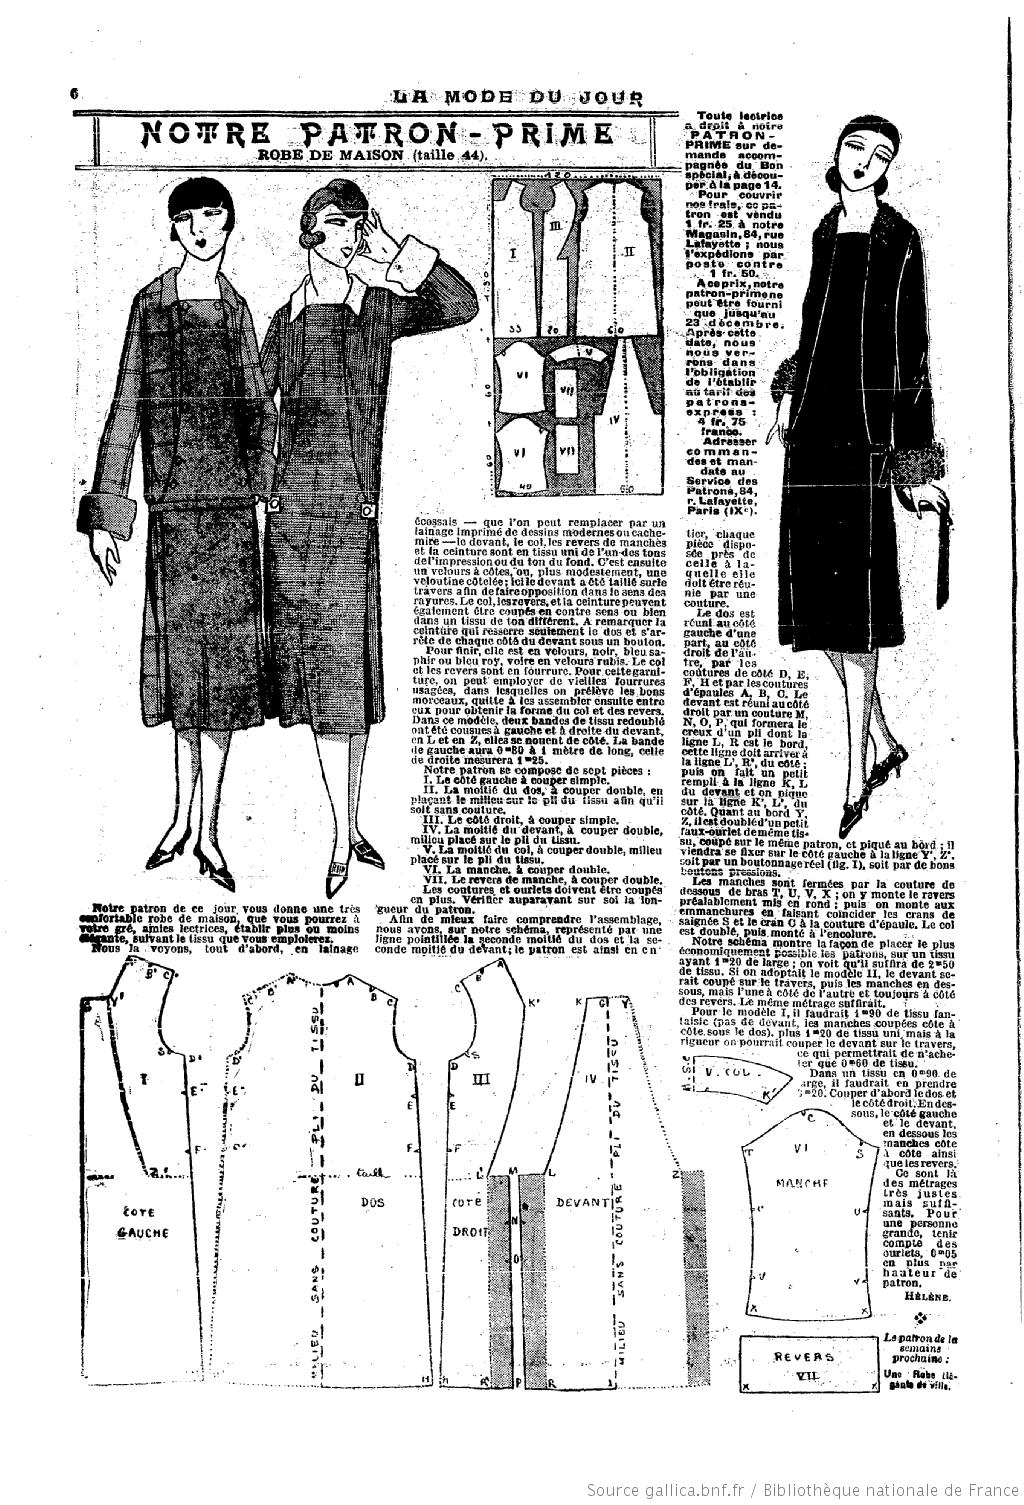 La Mode du jour. 1925/12/17 | 1910-1920\'s FASHION | Pinterest ...